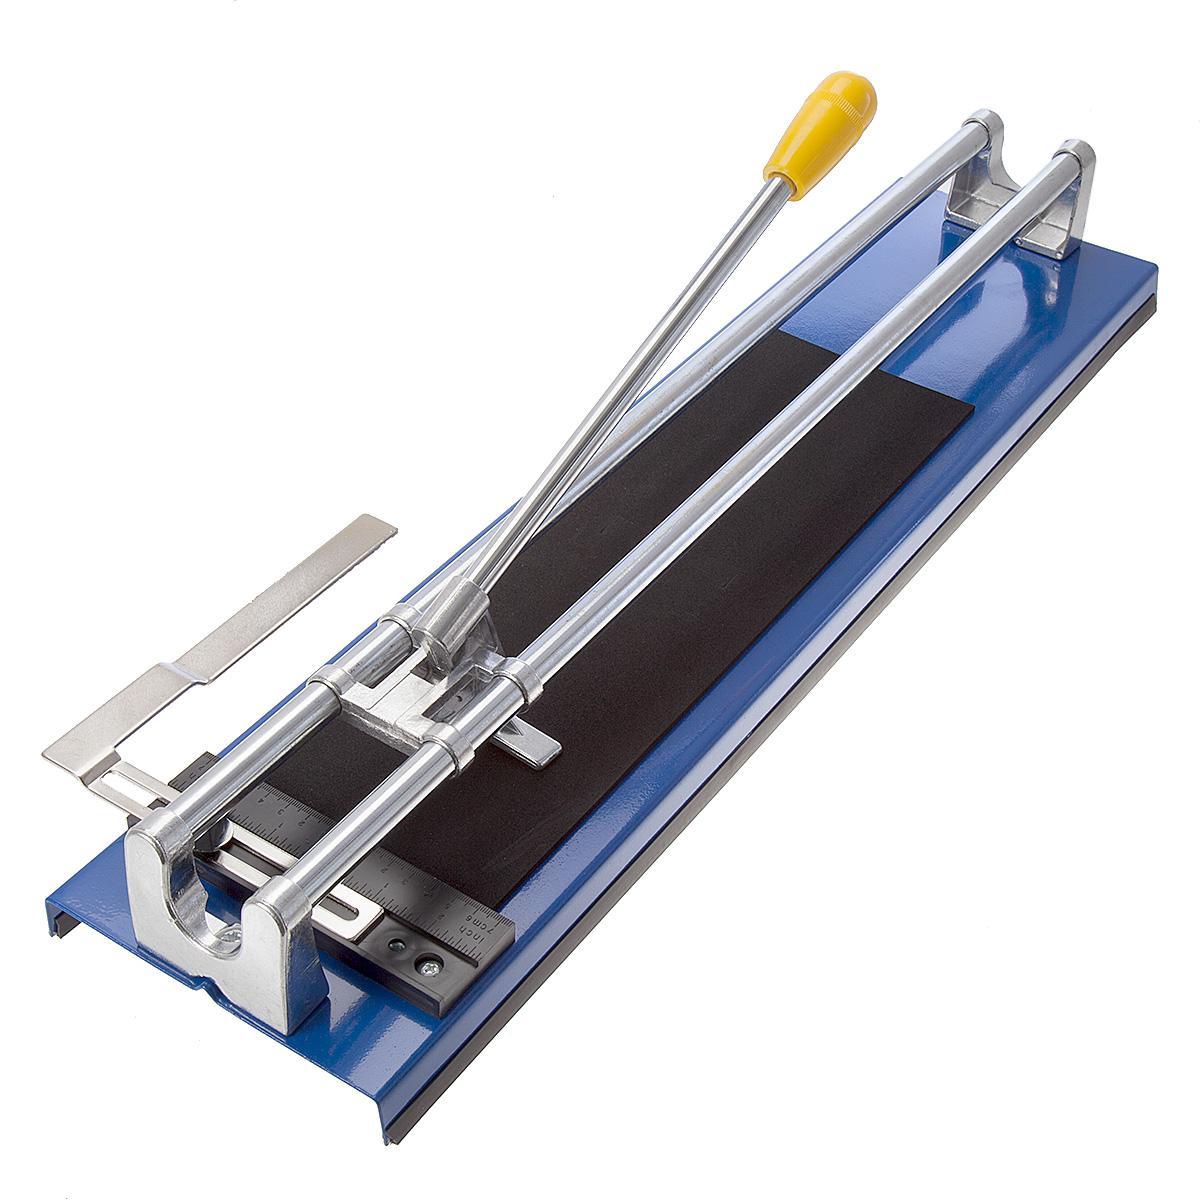 Vitrex 102360 Heavy-Duty Tile Cutter 500mm lowest price